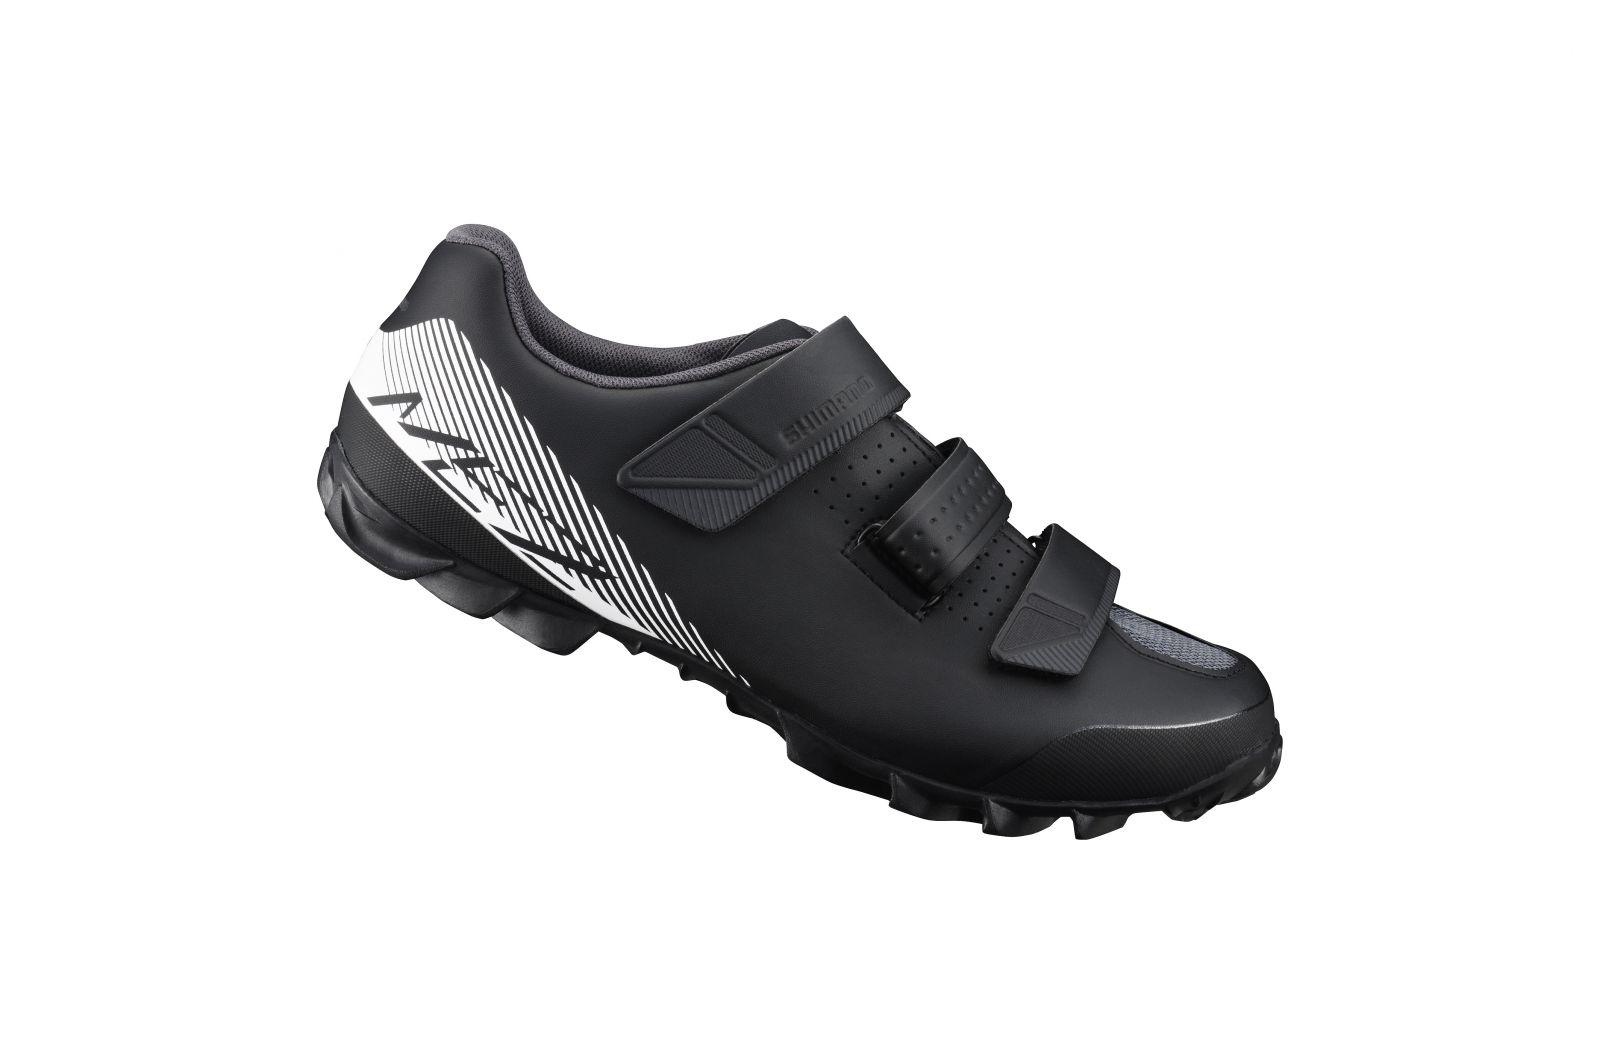 SHIMANO MTB obuv SH-ME200ML, černá, 48